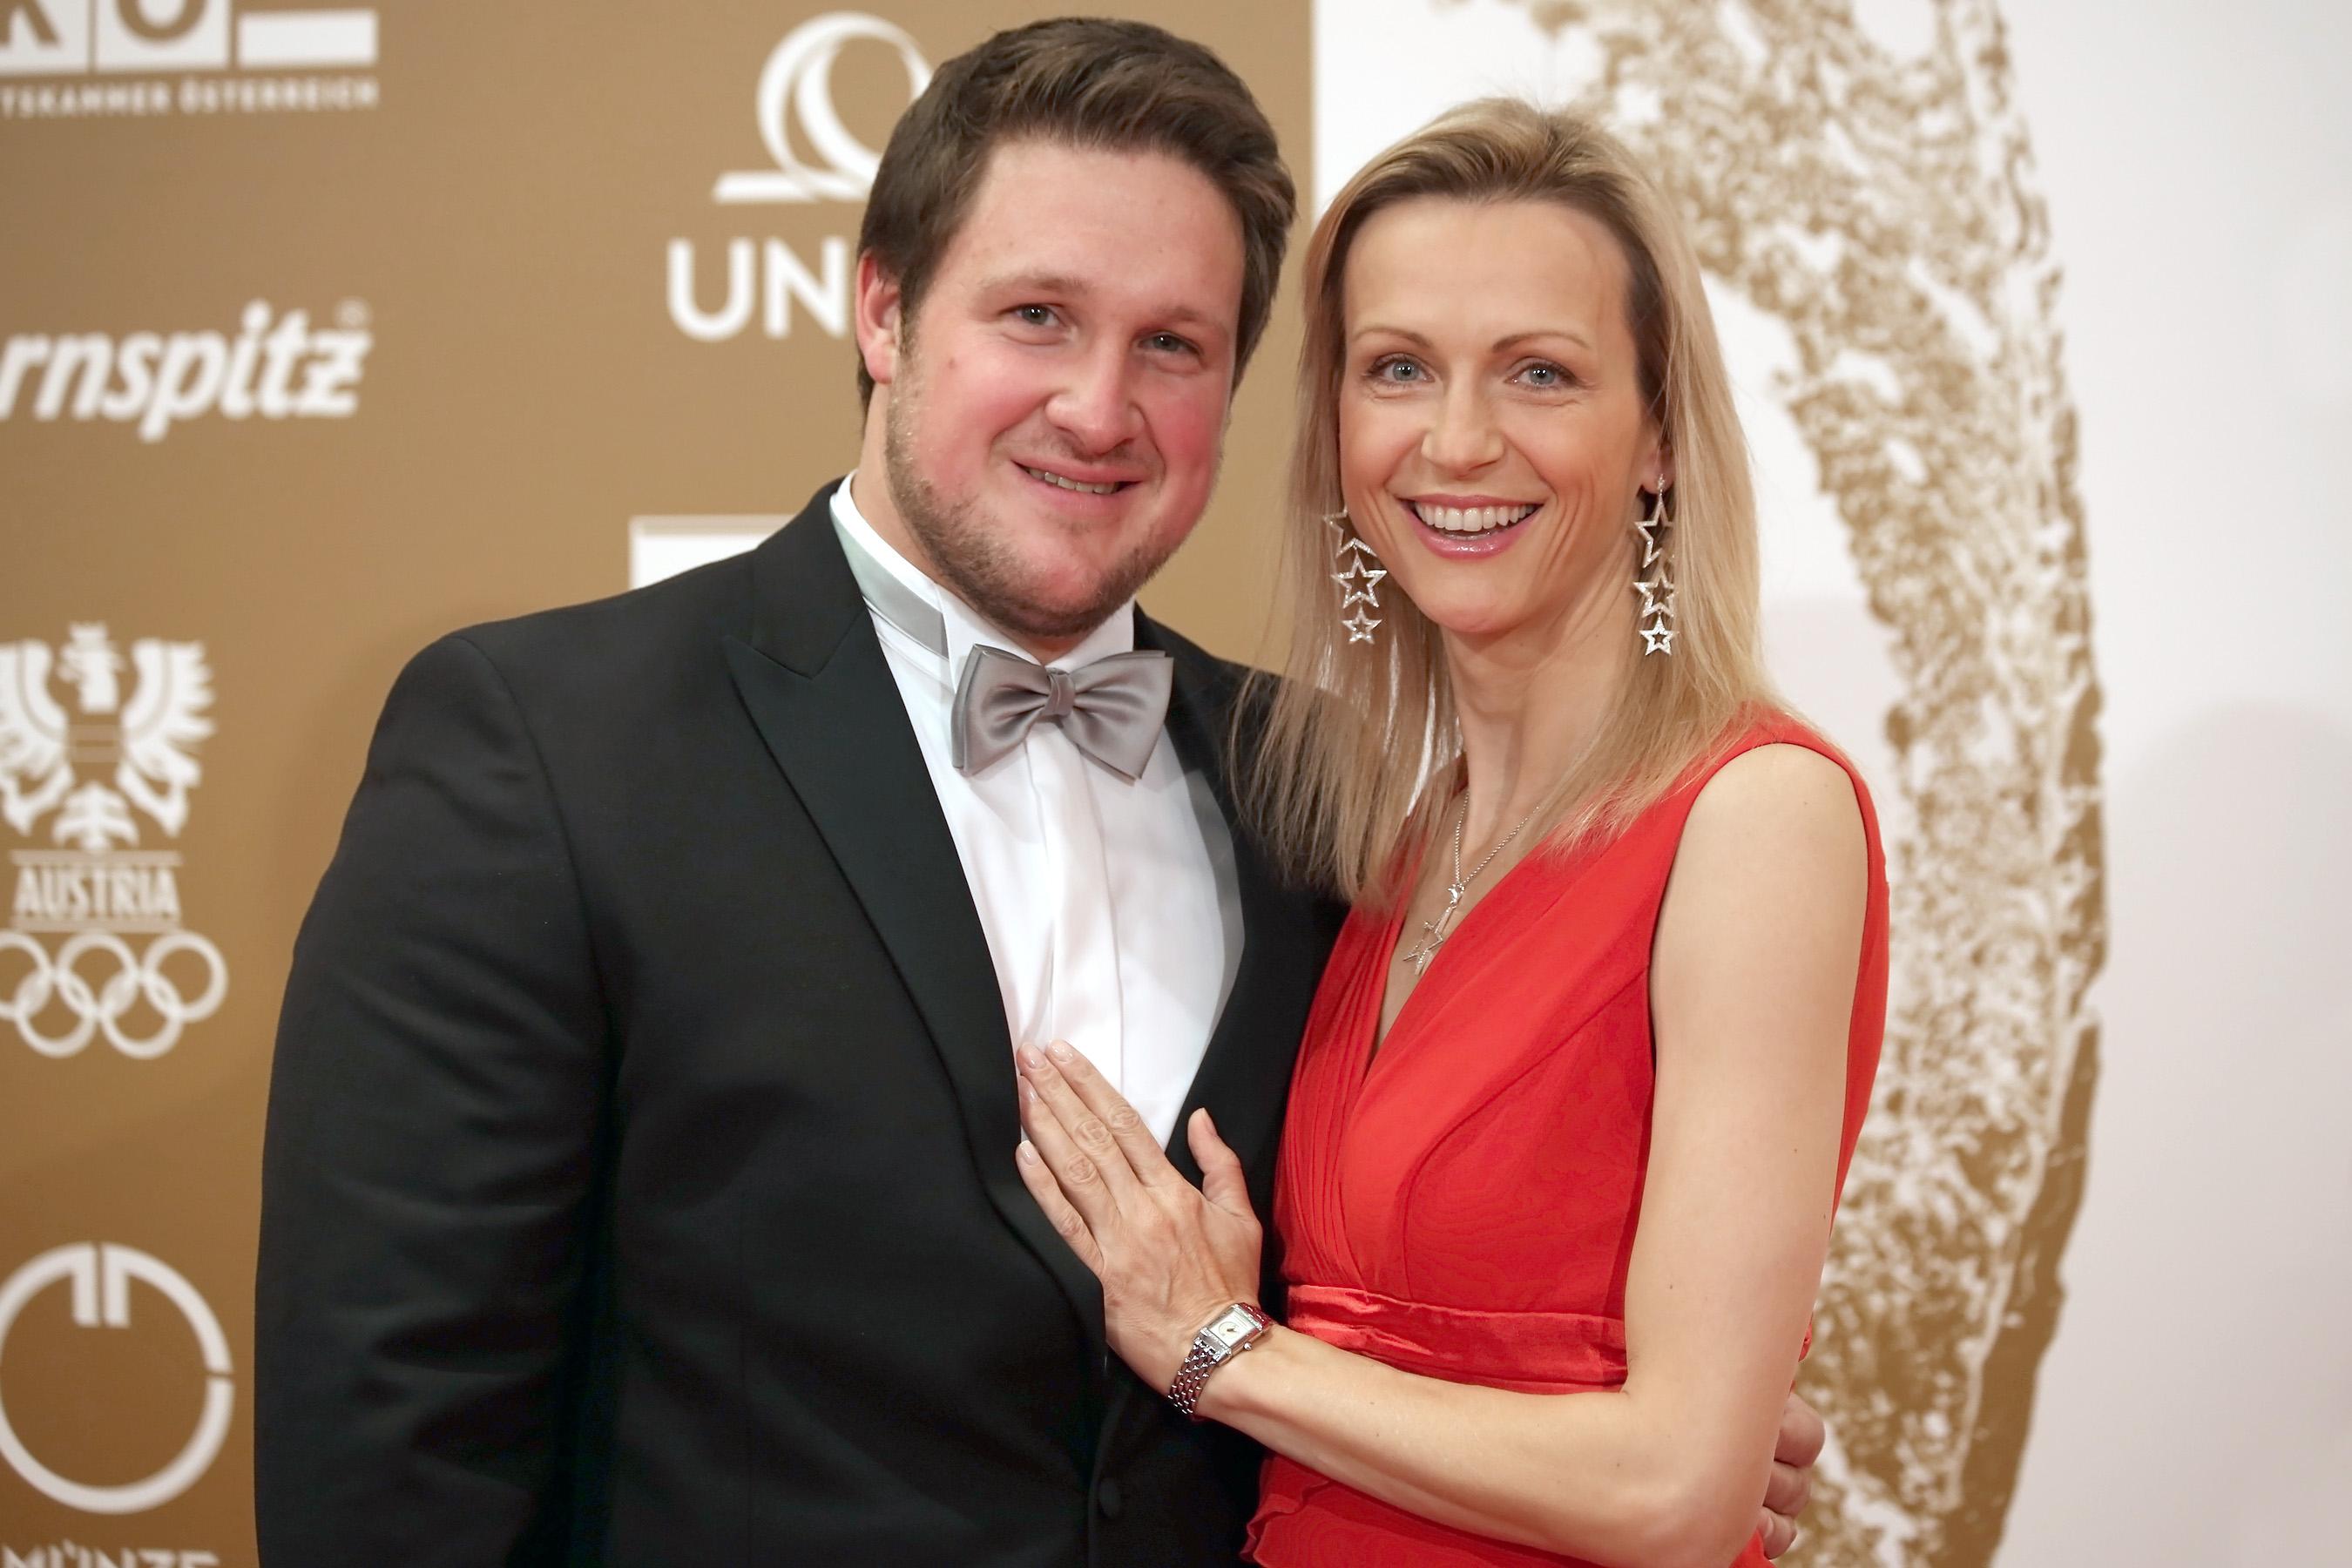 Gala-Nacht des Sports 2013 Wien red carpet Inge Matthias Steiner